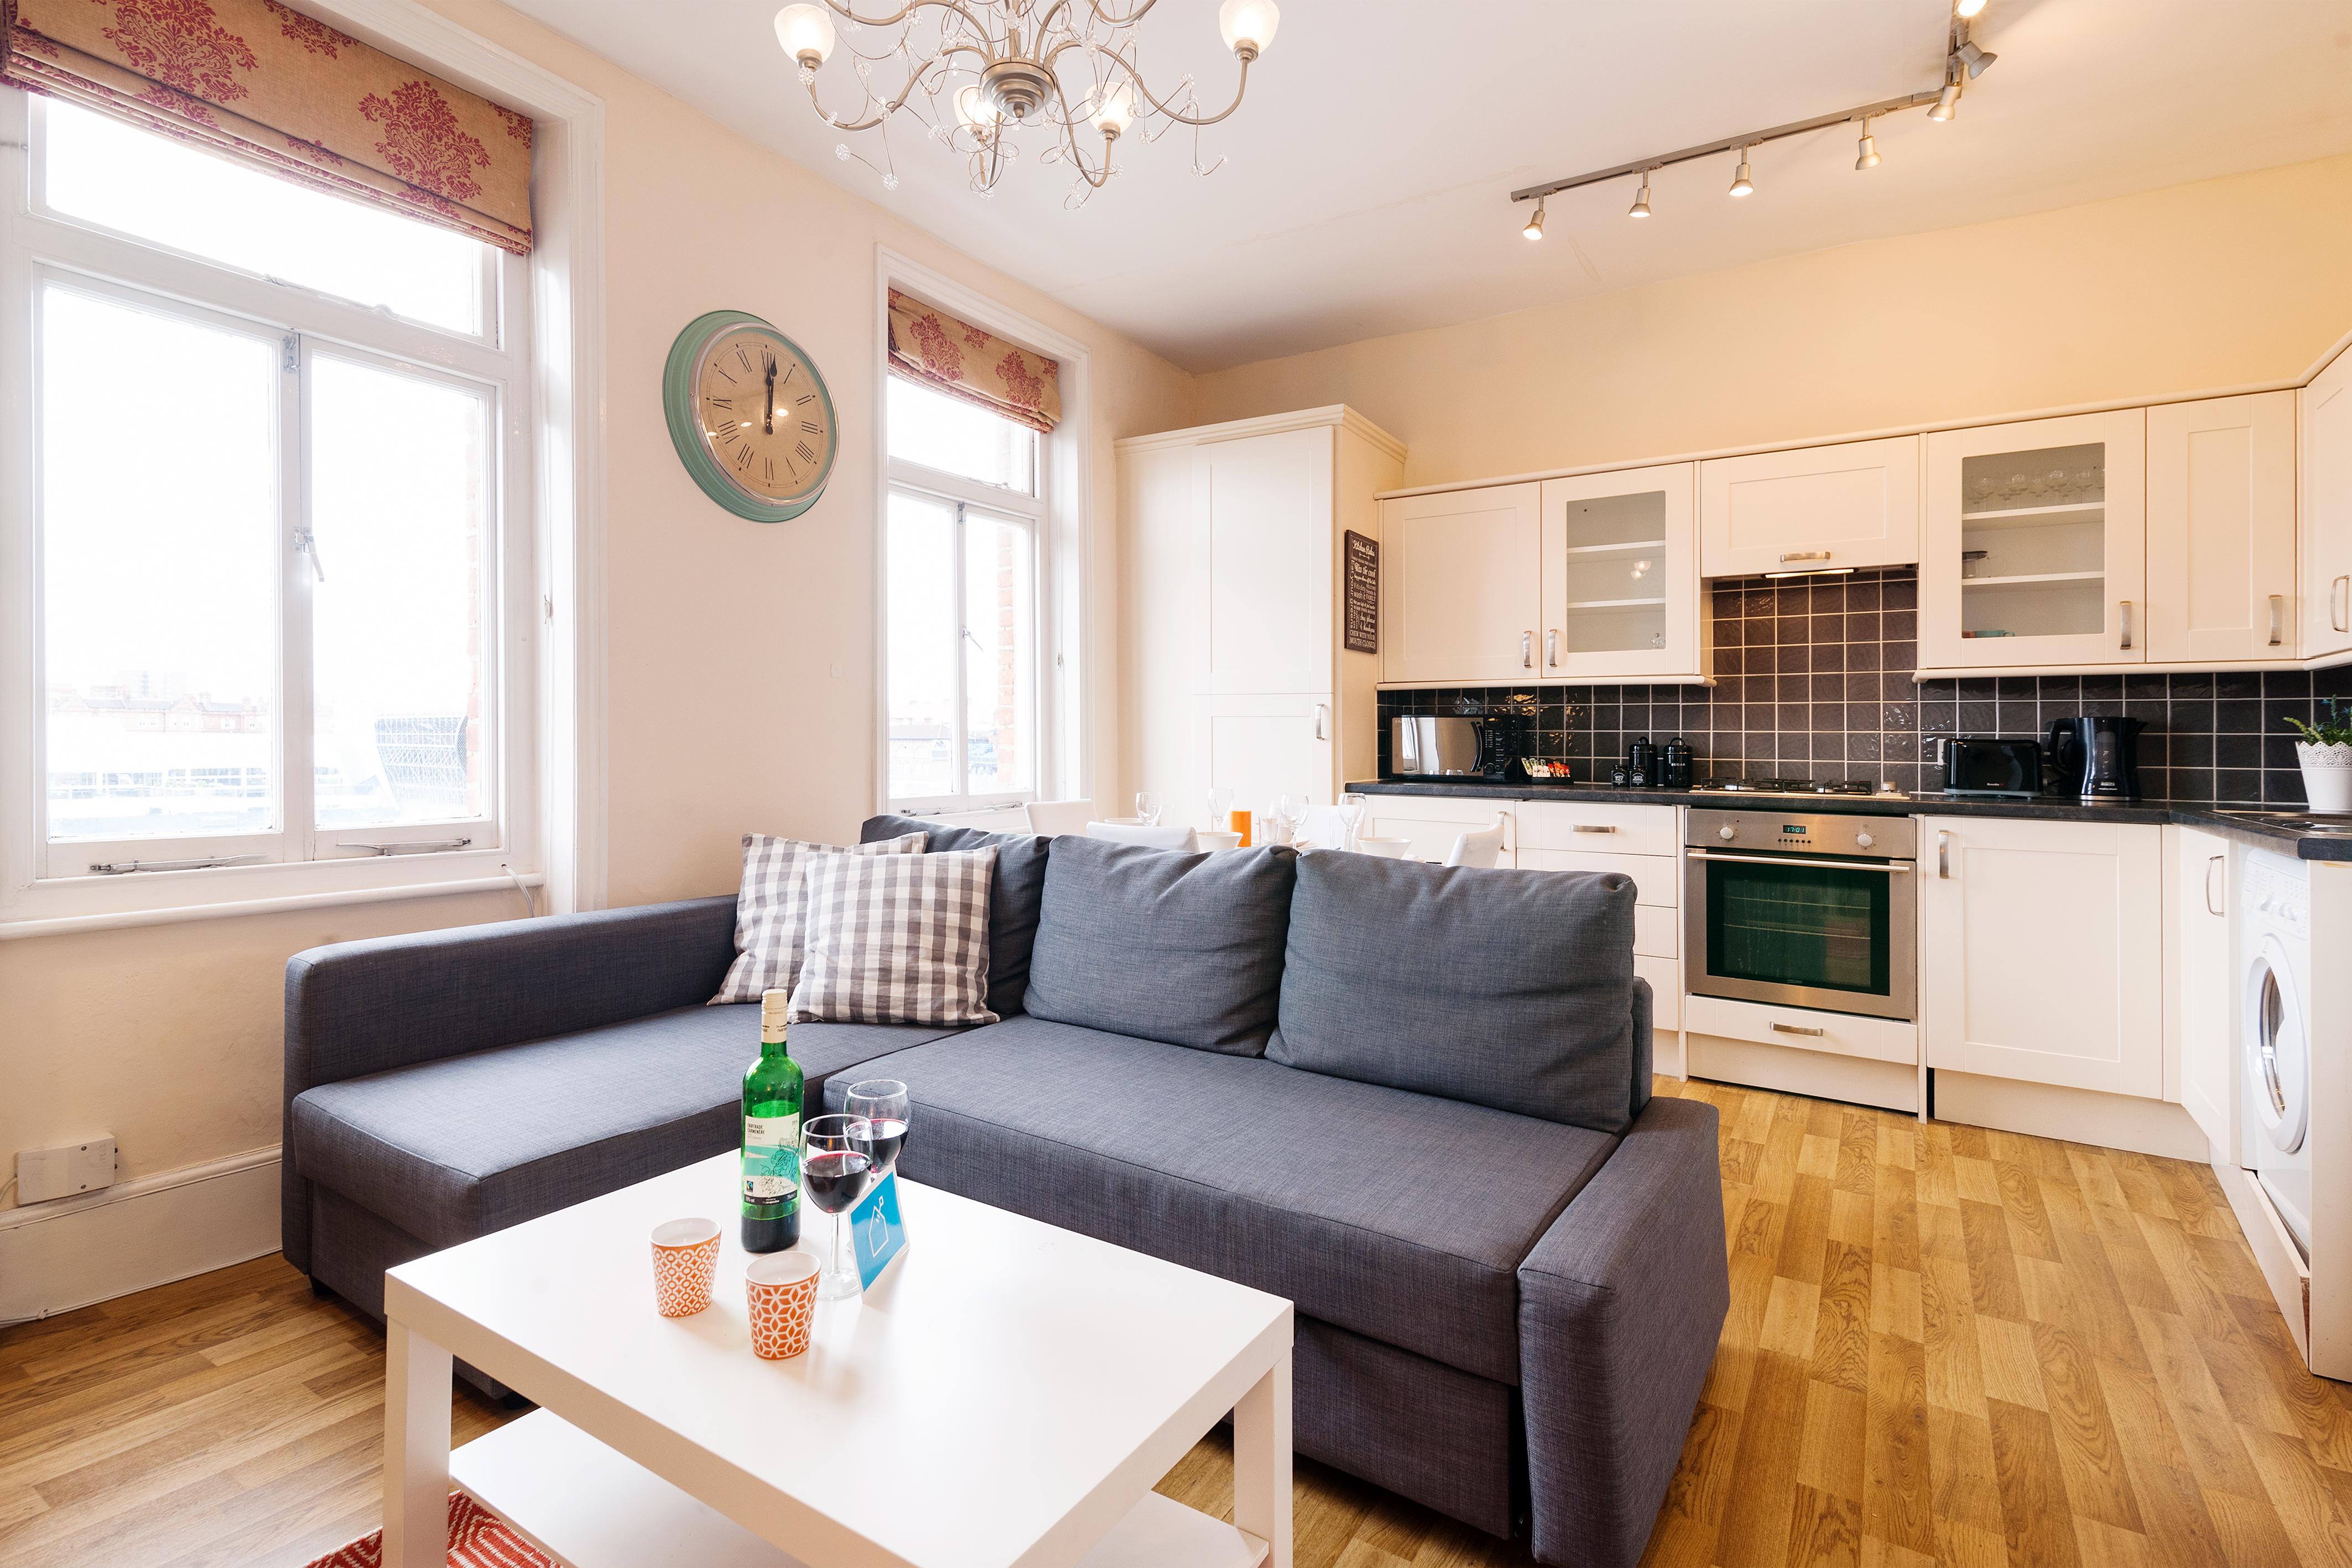 Apartamentos en londres en alquiler wuking - Apartamento en londres ...